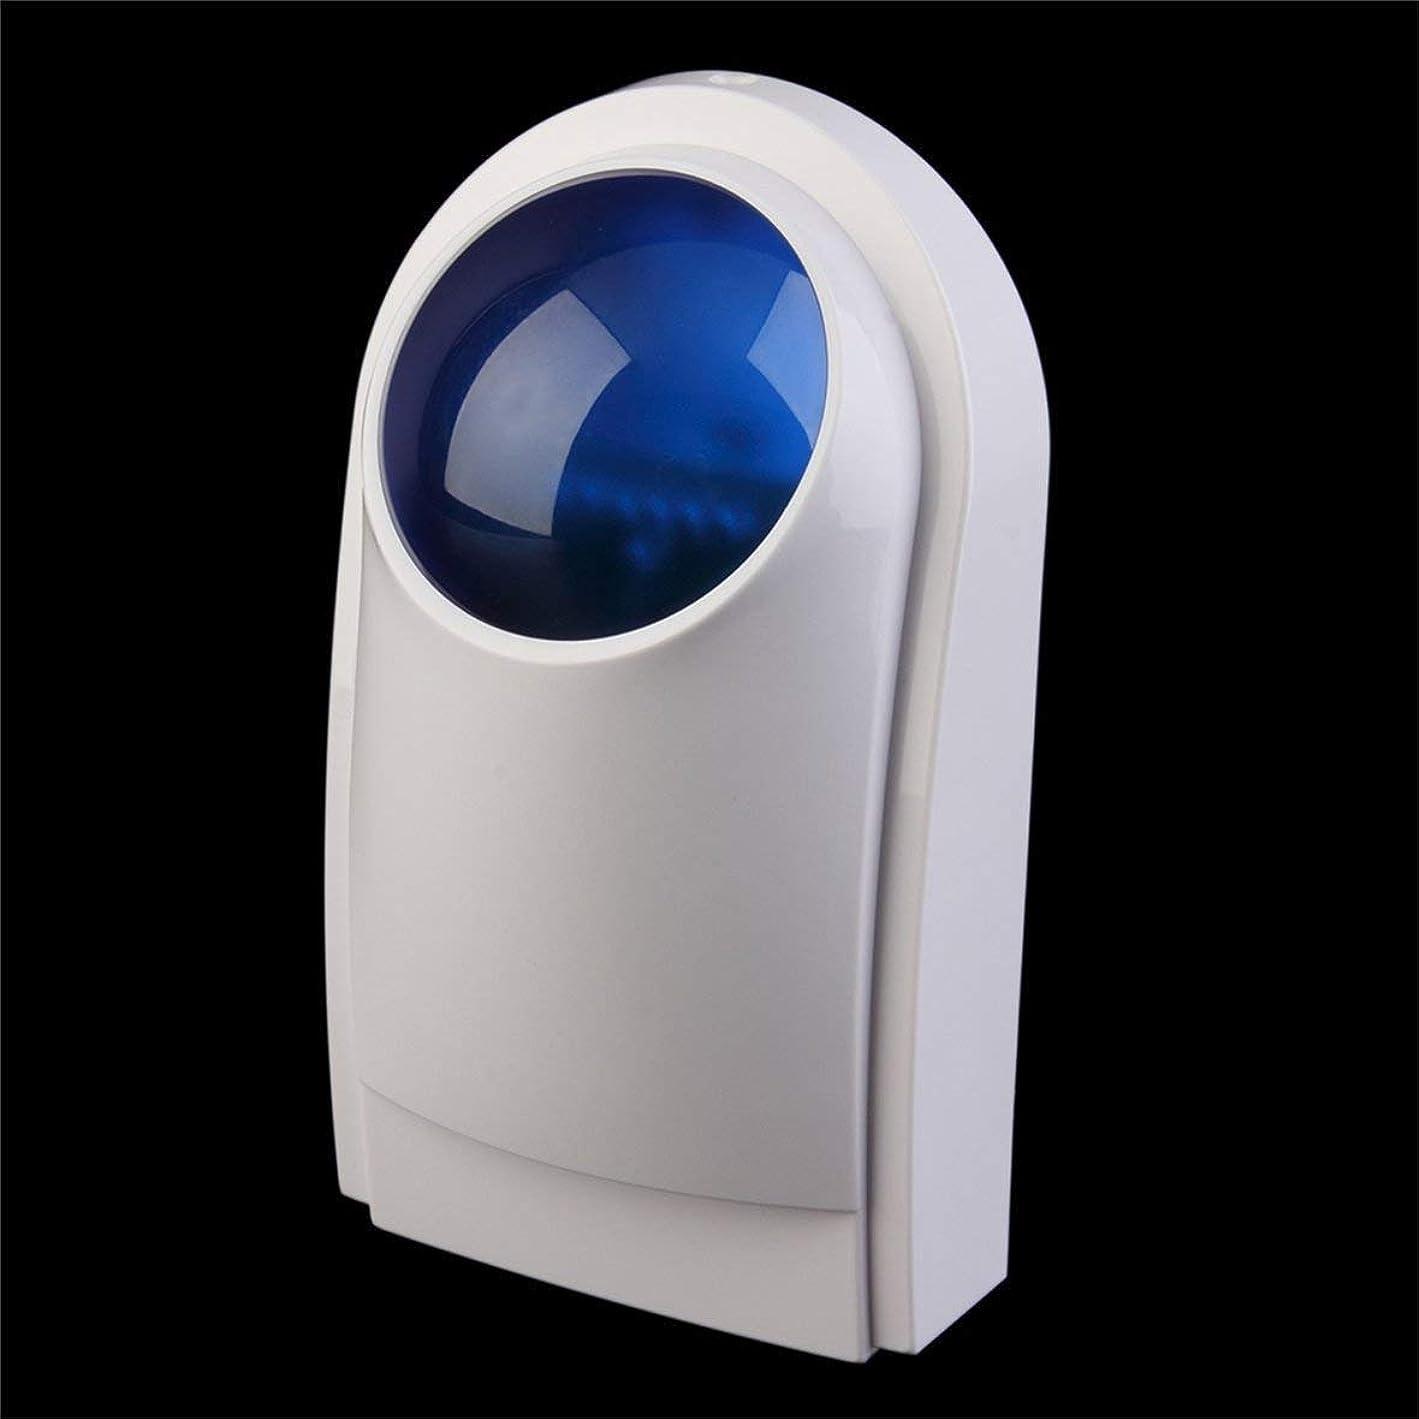 仮定する意気消沈した強大なBlackfell アラームサイレンアラーム屋外防水フラッシュサイレンサウンドストロボフラッシュアラームサイレン用wif gsm pstnホームセキュリティ警報システム